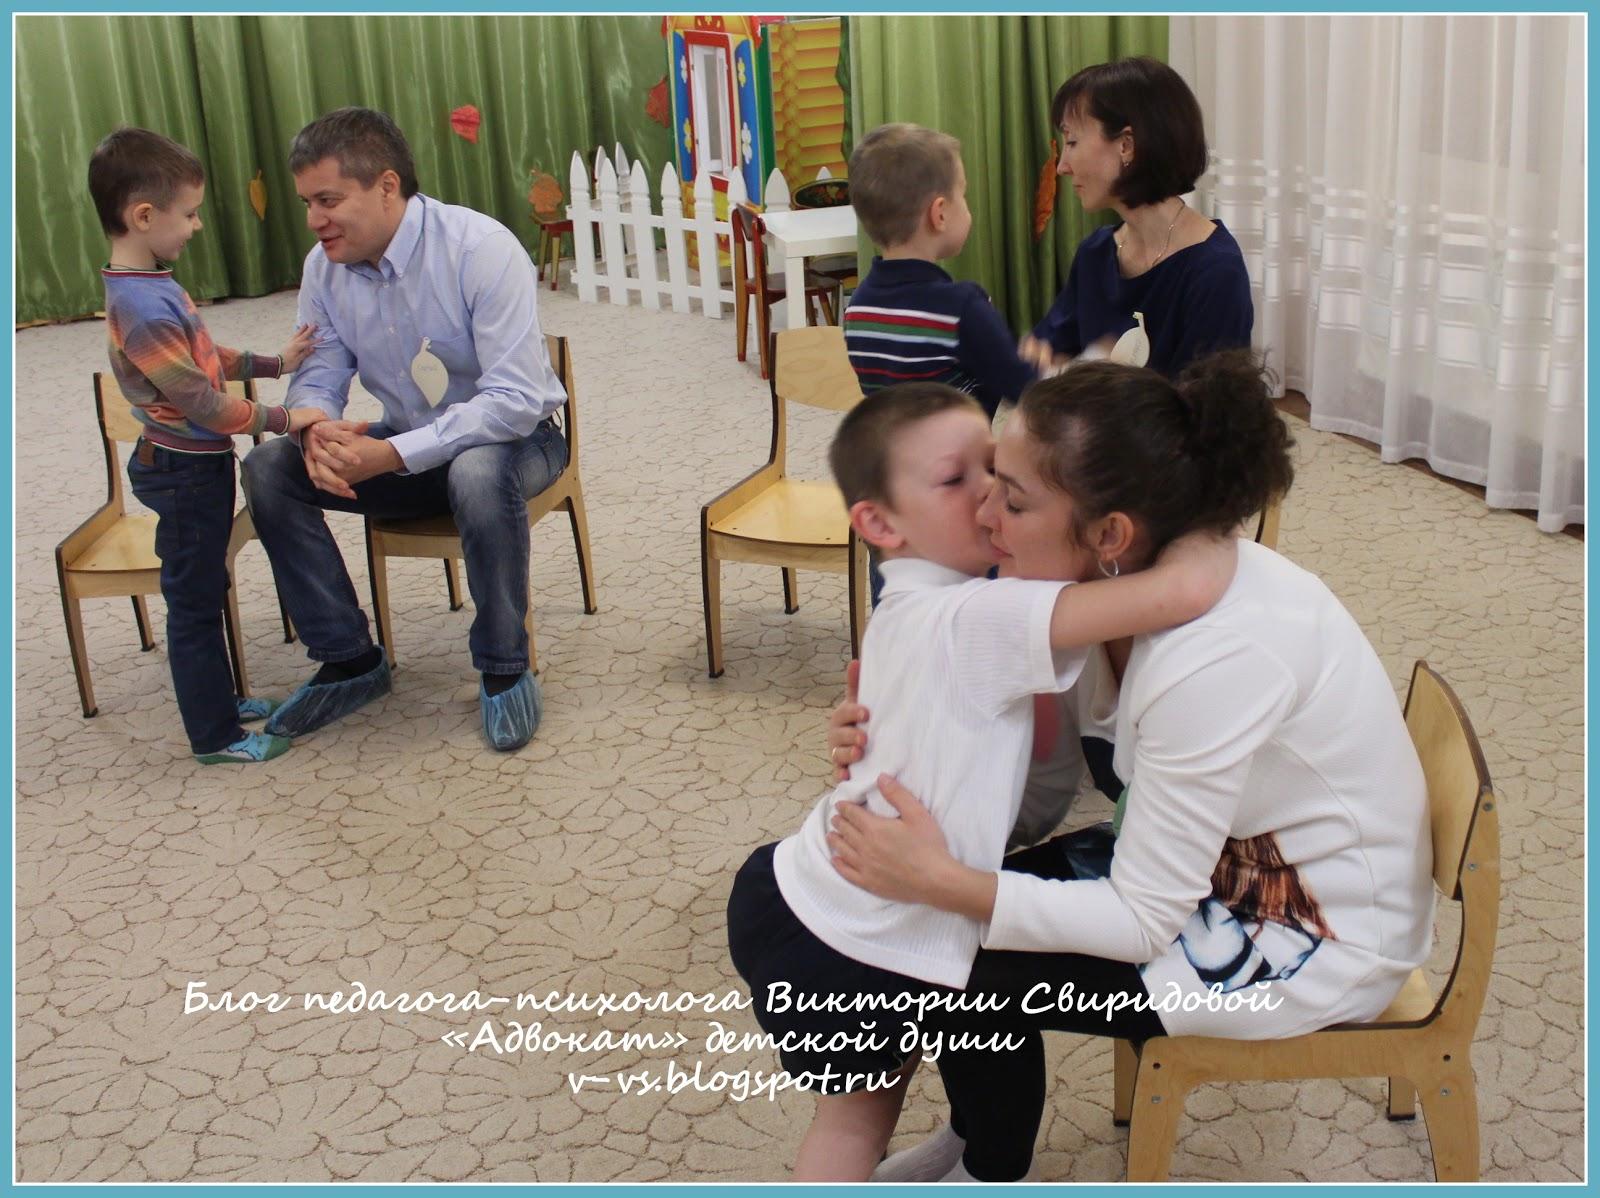 упражнение знакомство для родителей